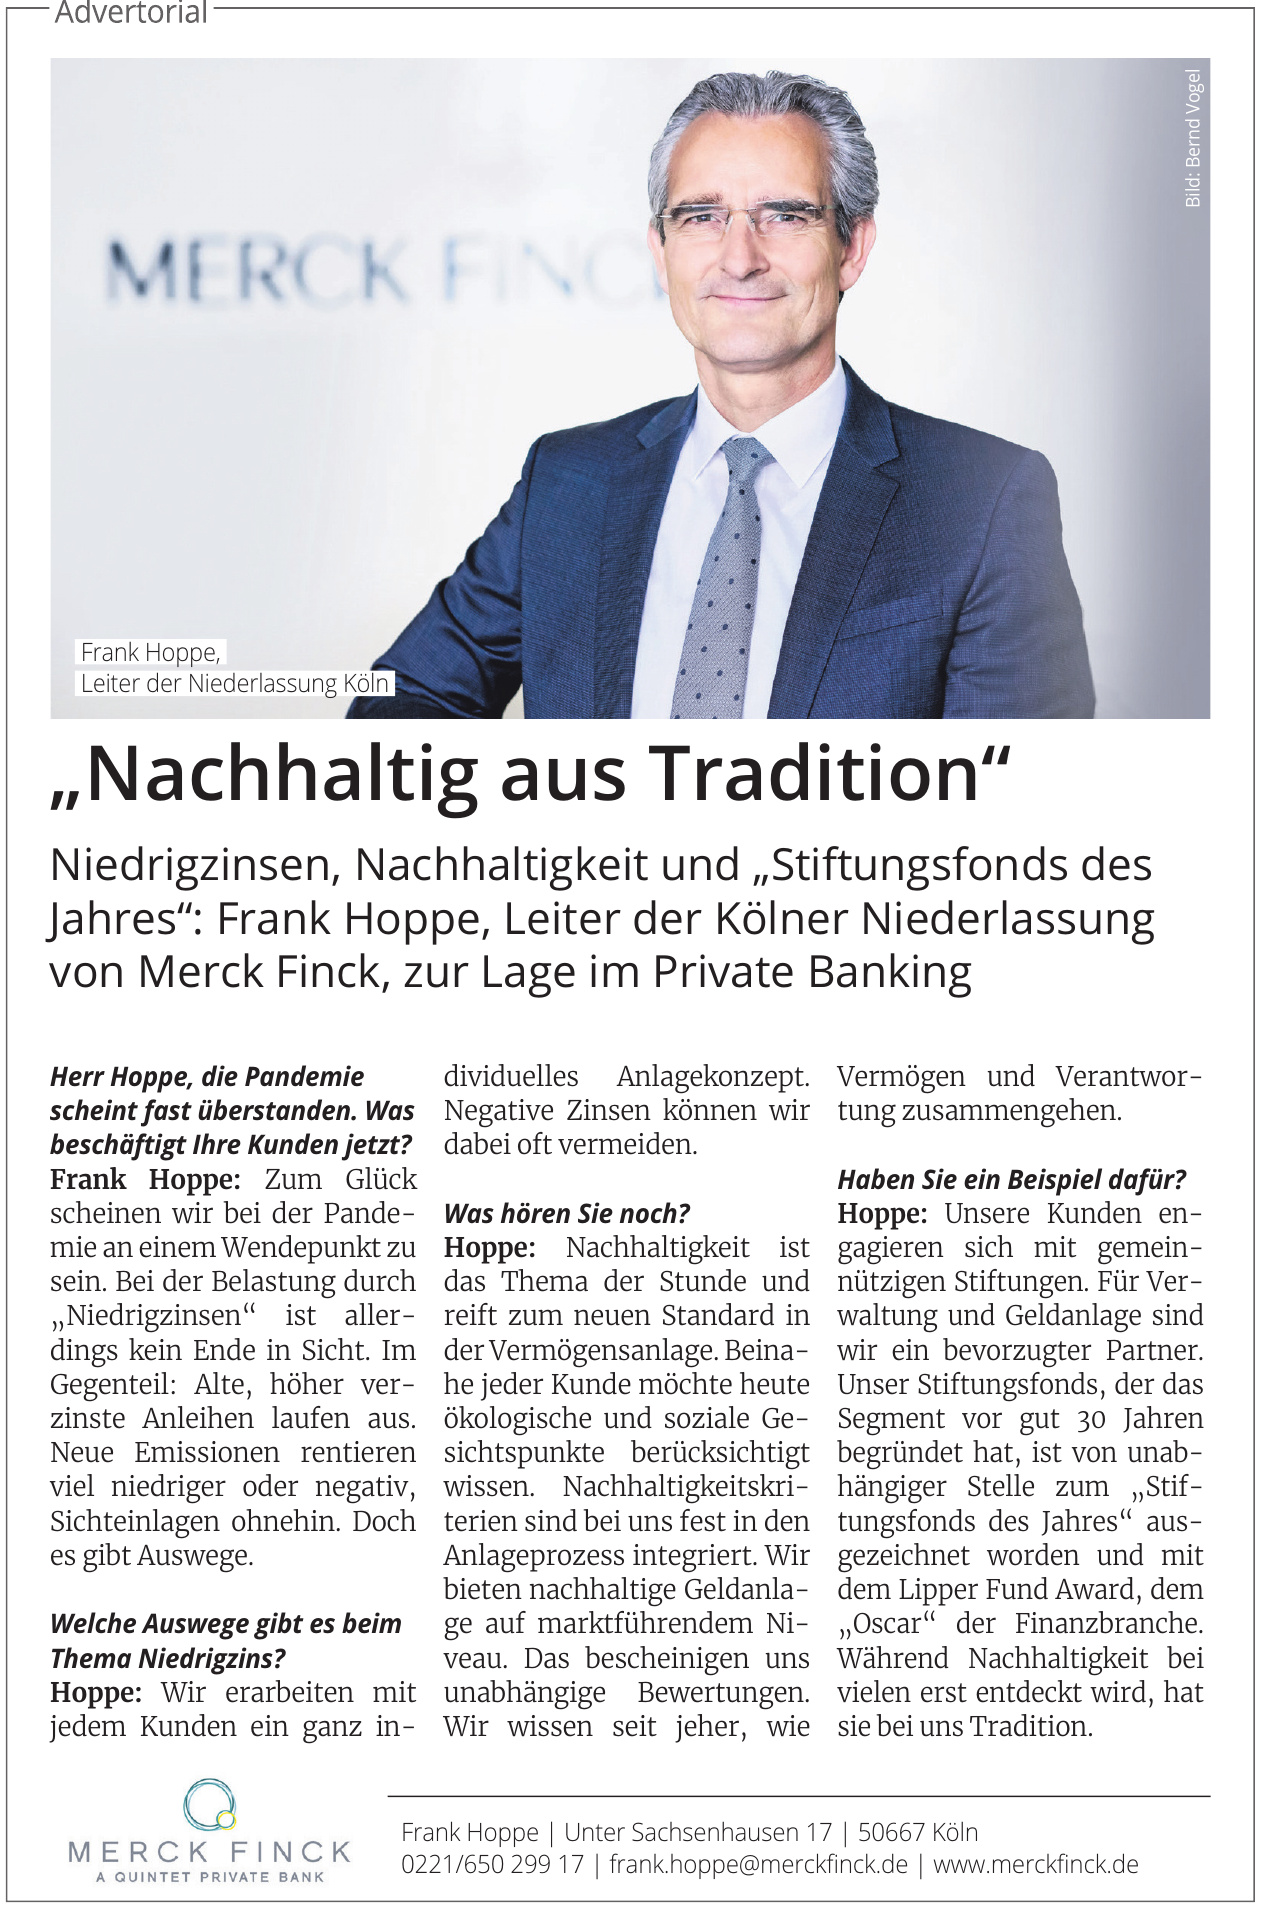 Privatbankiers AG - Frank Hoppe